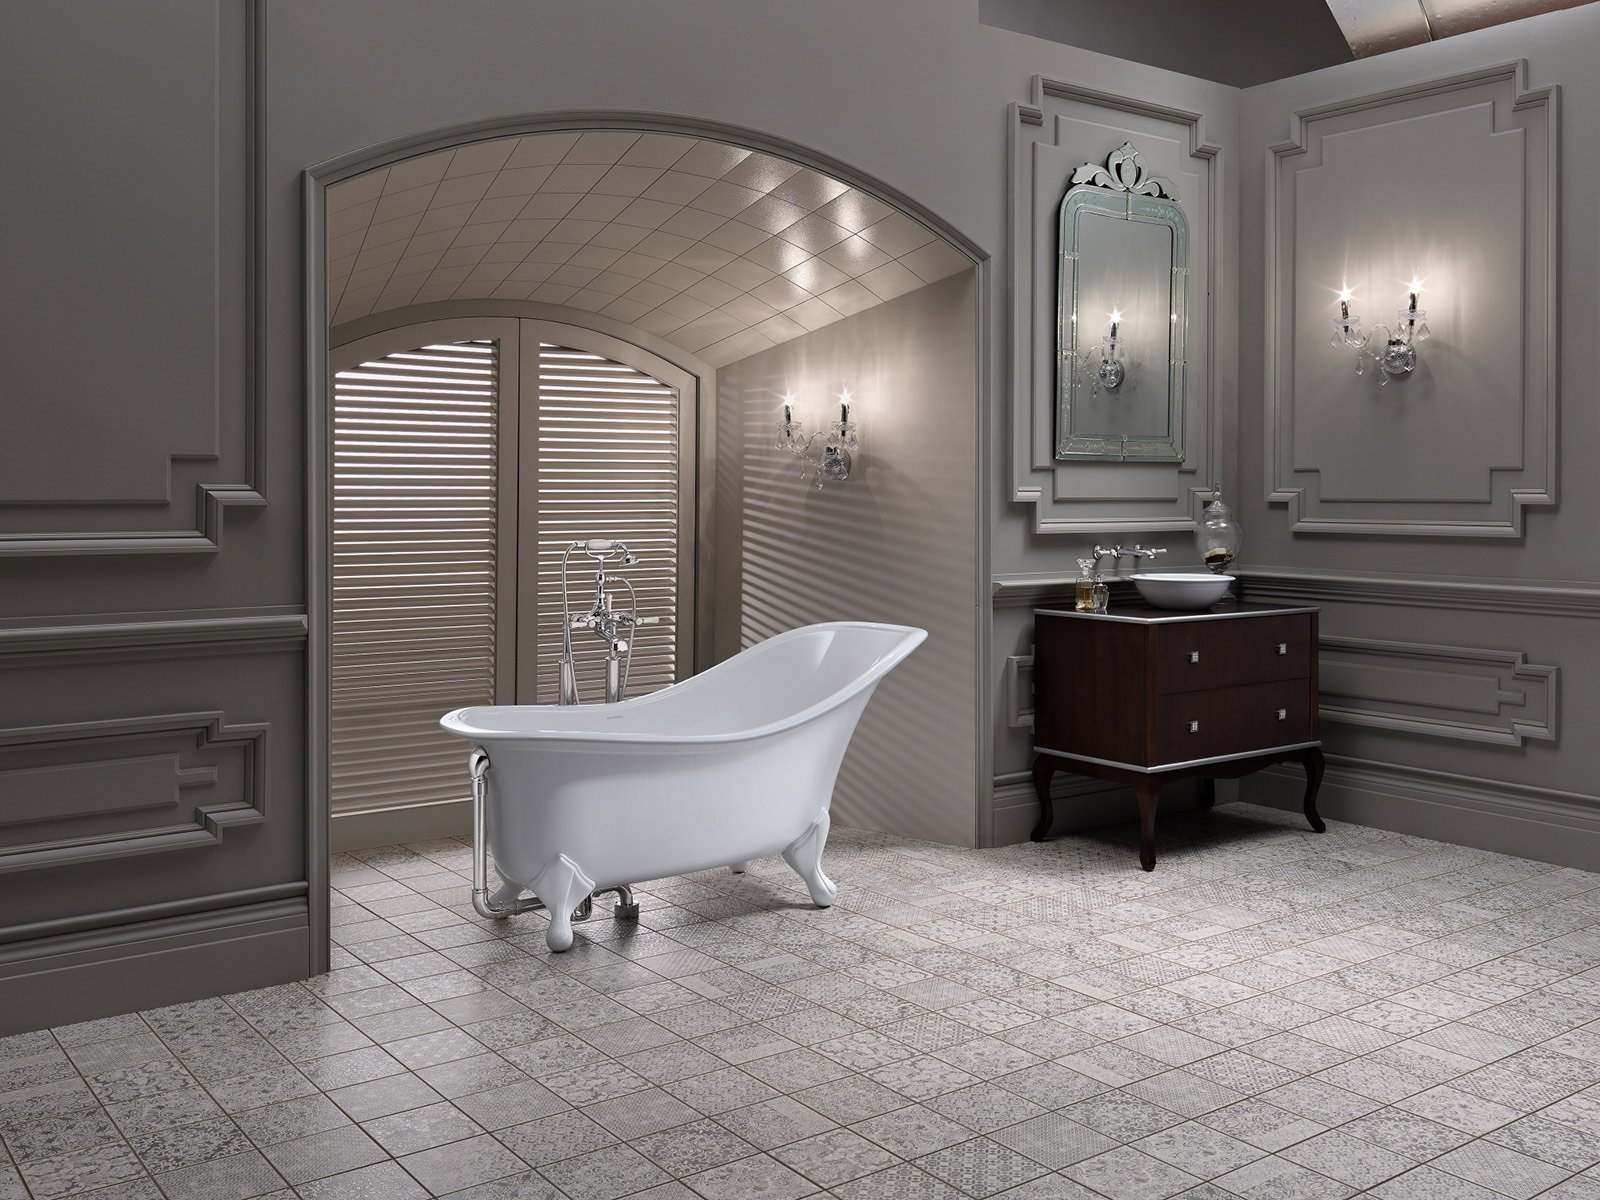 Design week 2014 la vasca da bagno esce dall 39 anonimato - Pulire vasca da bagno ...